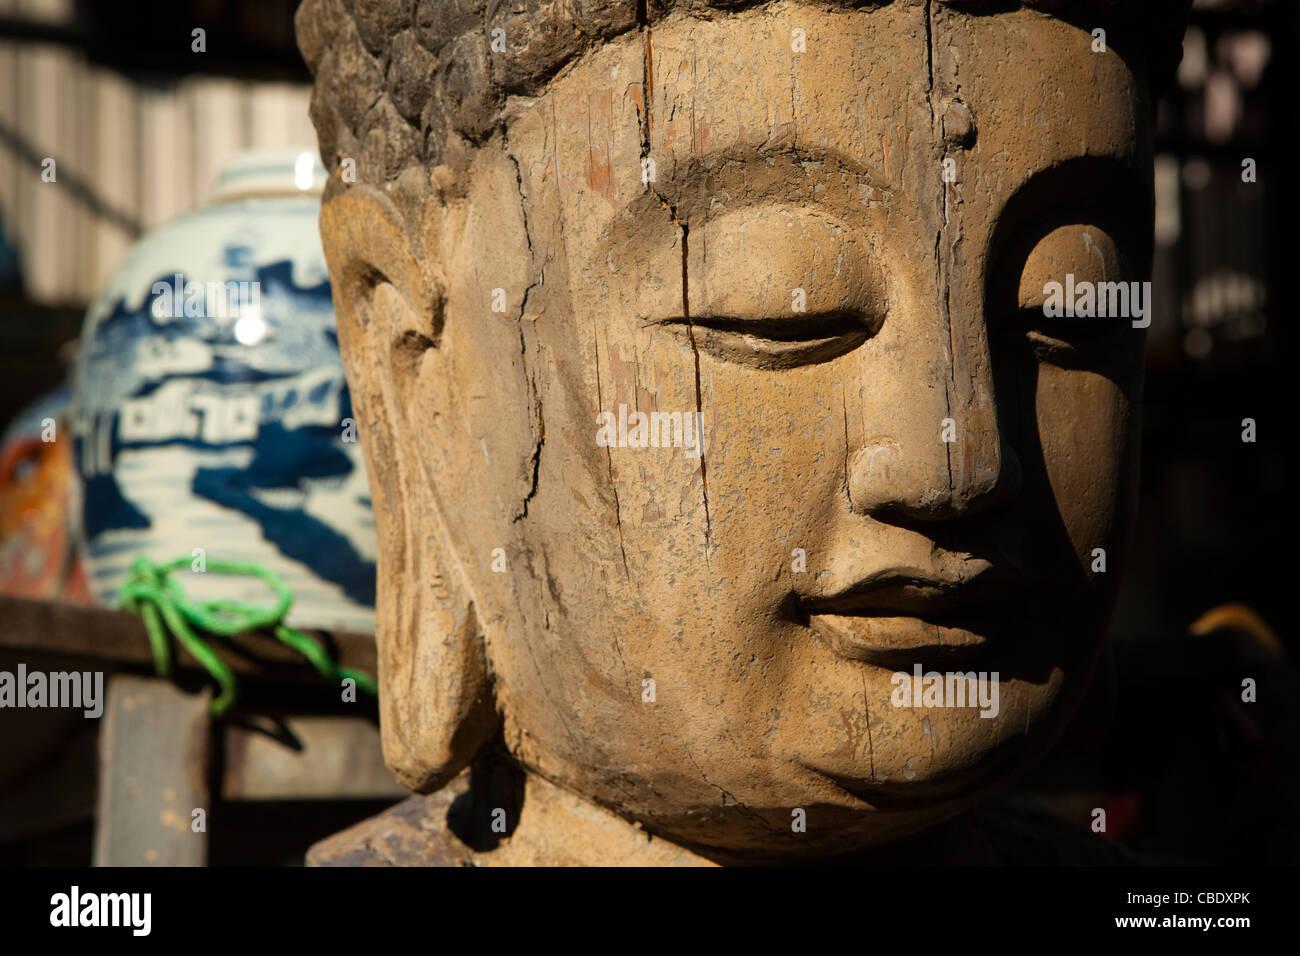 Po Ling Monastery, Po Ling, Ngong Ping, Lantau, Hong Kong, China - Stock Image